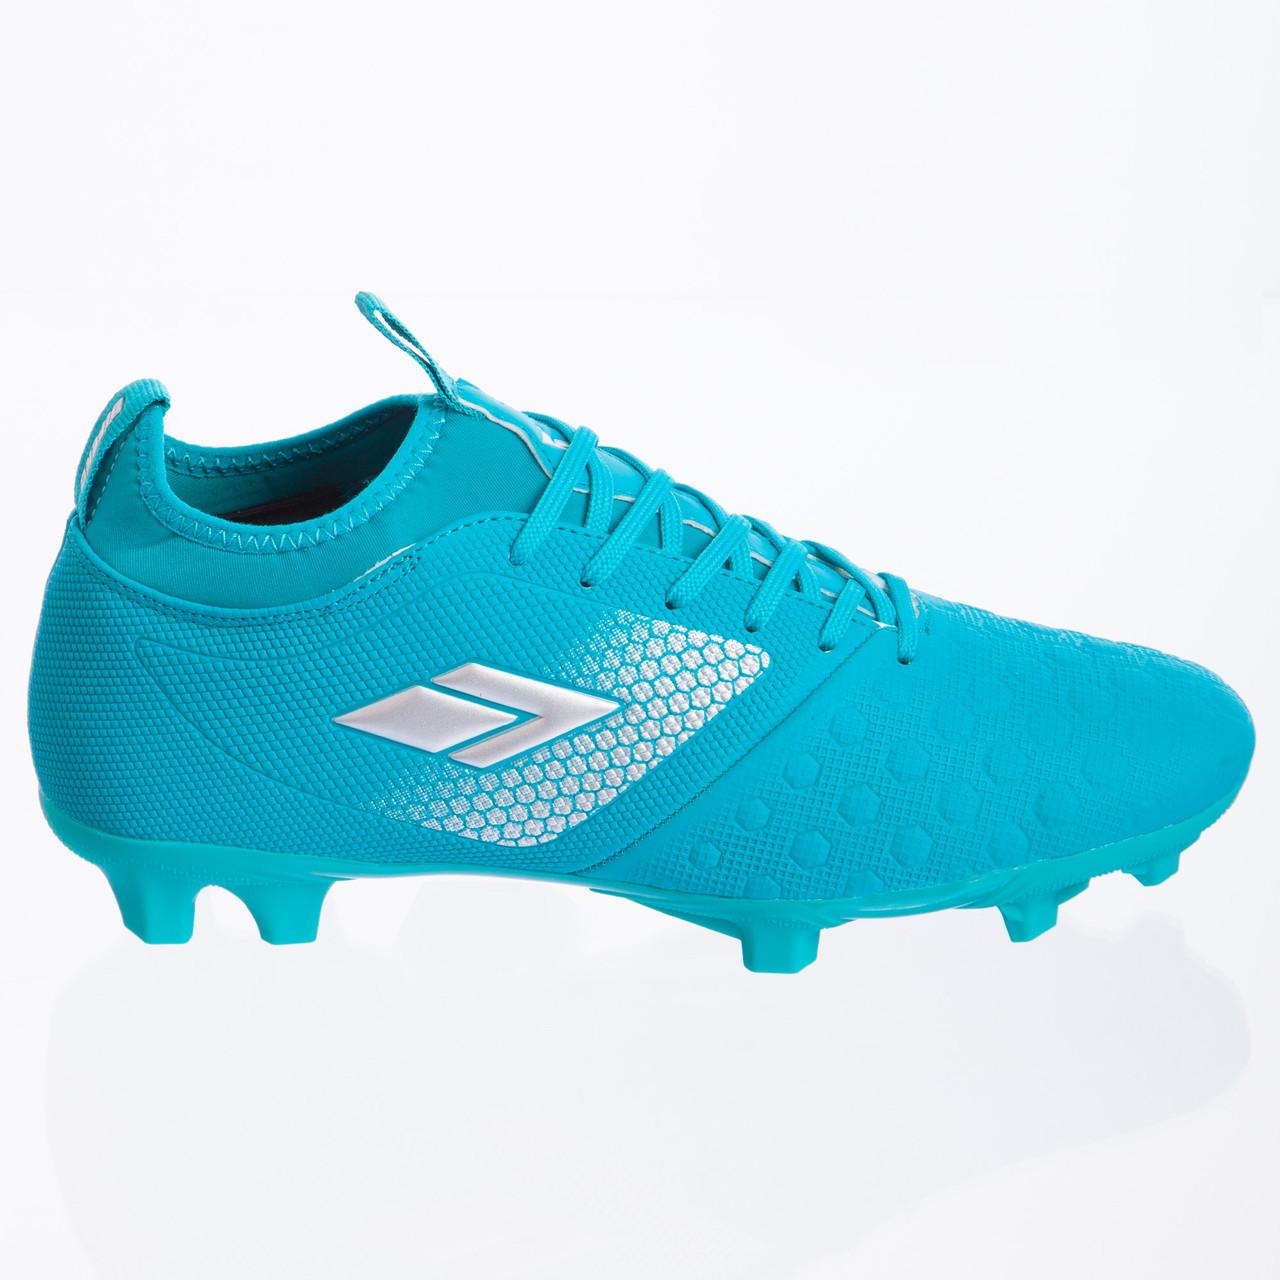 Бутсы футбольная обувь с носком 180304-1 CYAN/SILVER размер 40-45 (TPU, голубой)